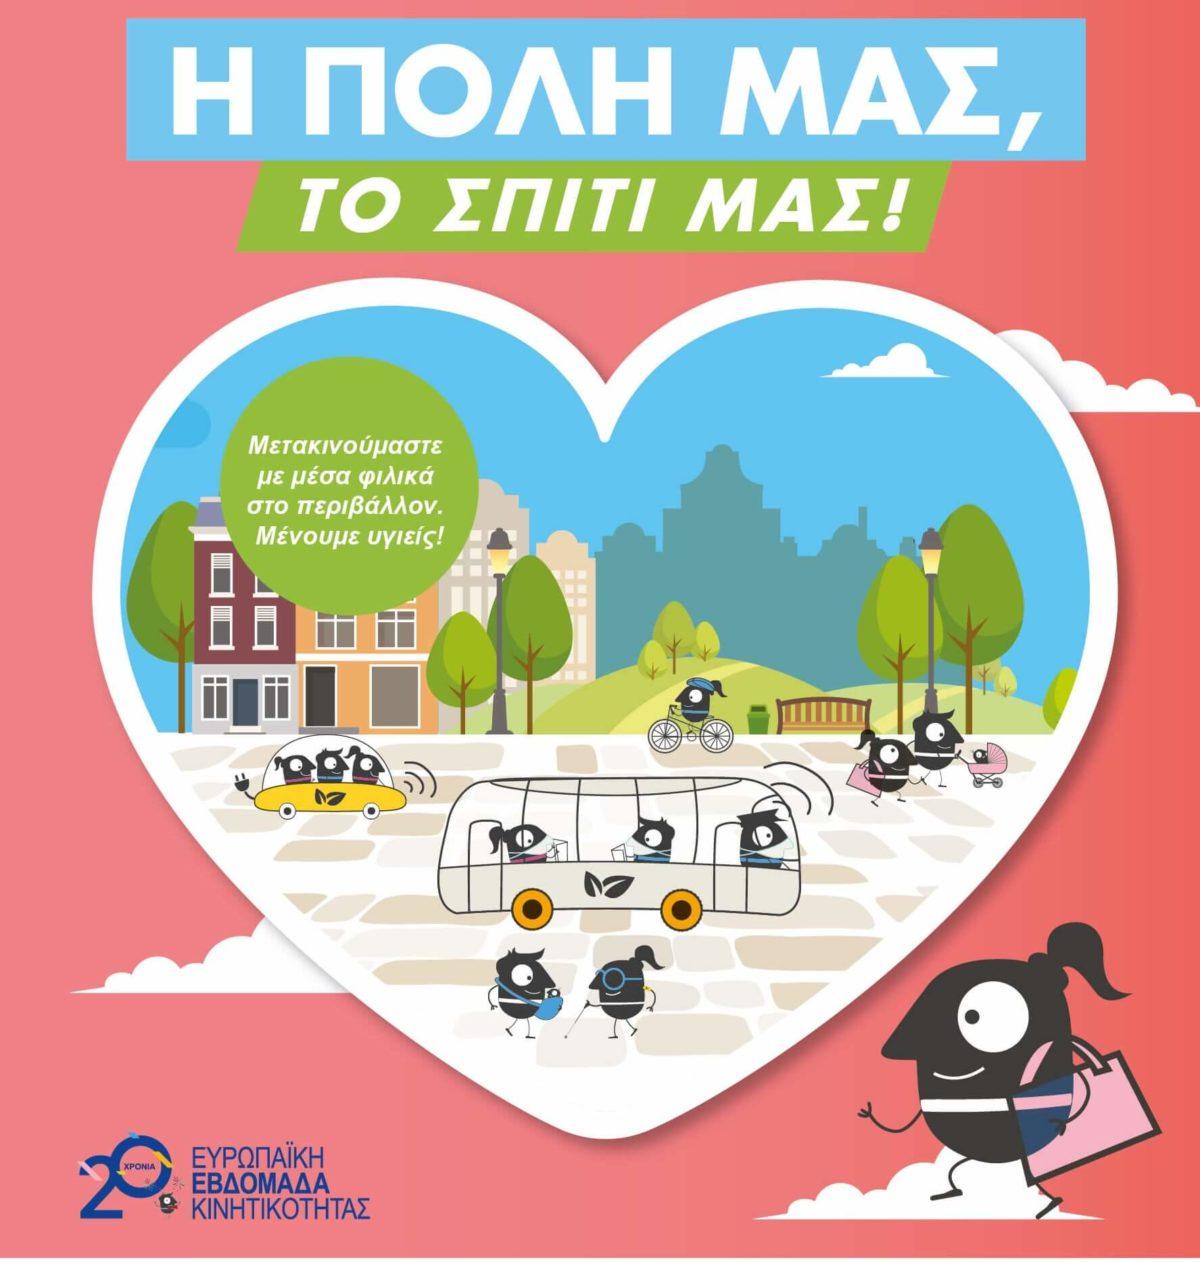 """Ο Δήμος Ηλιούπολης διοργανώνει πρωτότυπες εκδηλώσεις στο πλαίσιο της """"Ευρωπαϊκής Εβδομάδας Κινητικότητας"""""""